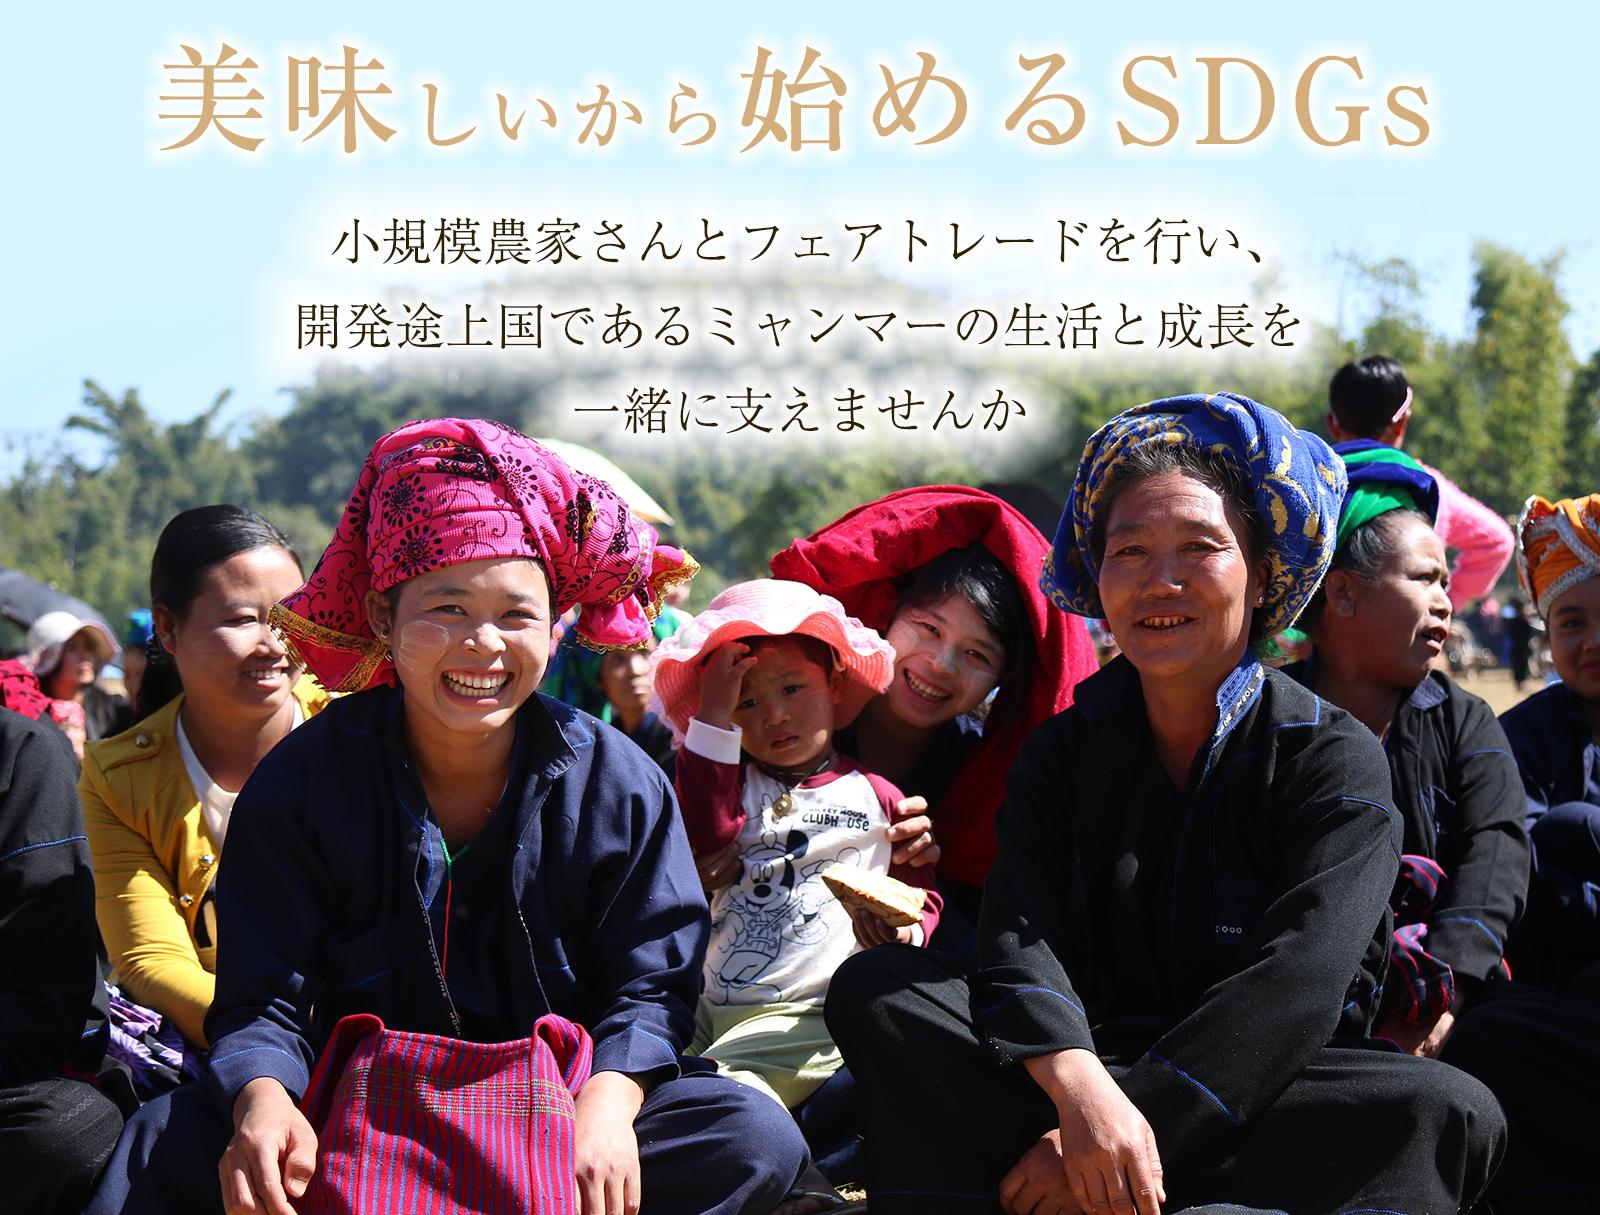 ミャンマーの小規模農家さんの生活を支援しています。